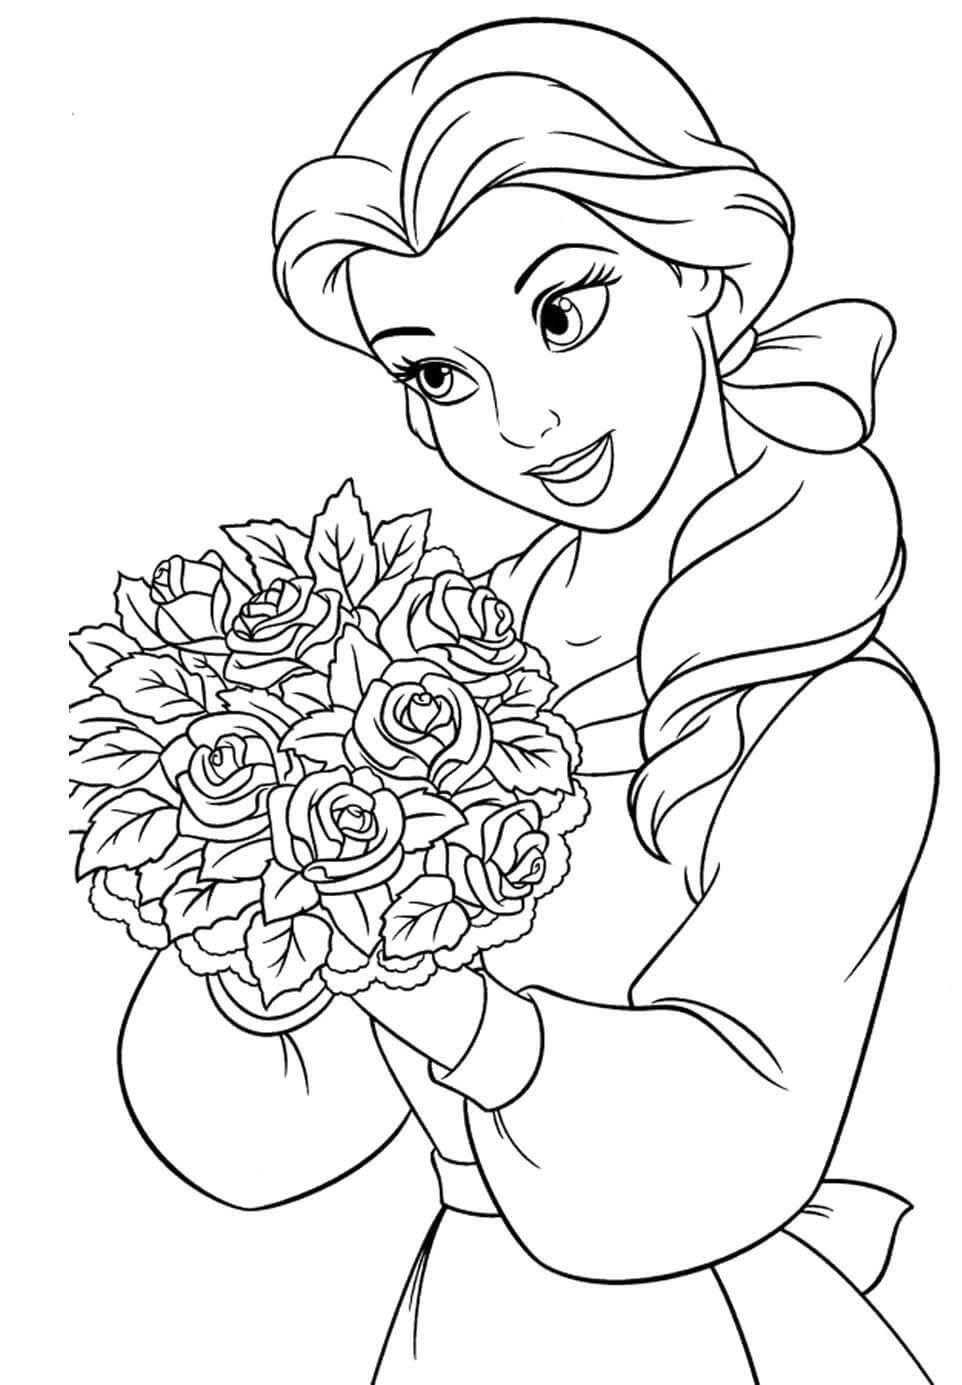 Belles Rose Bouquet Coloring Page Disney Princess Coloring Pages